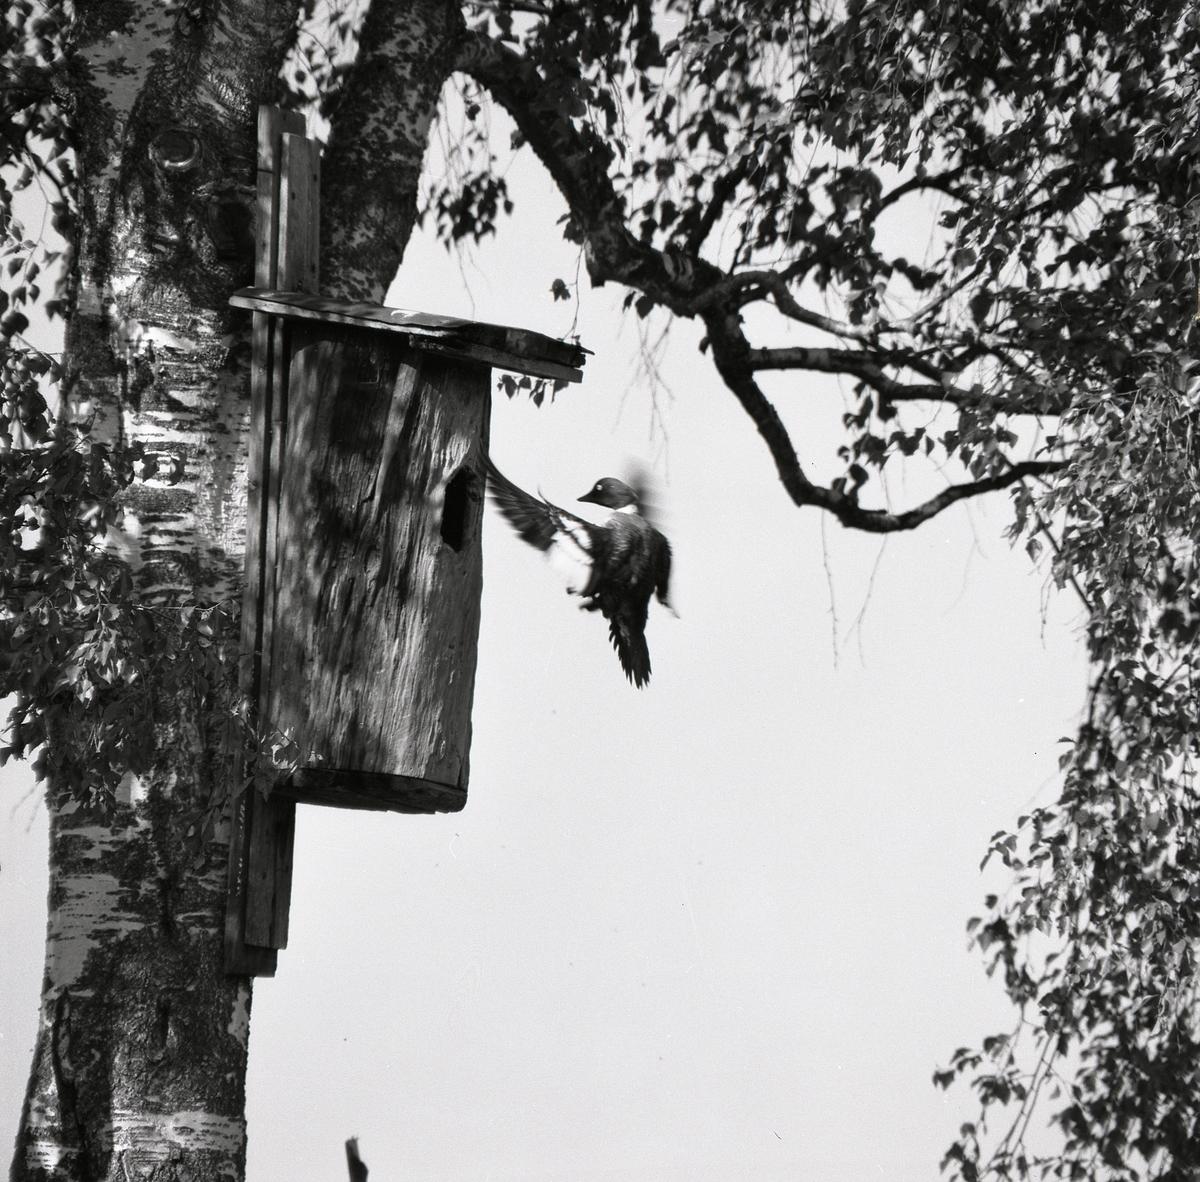 En fågel flyger utanför öppningen till en holk som sitter i en björk 1974.